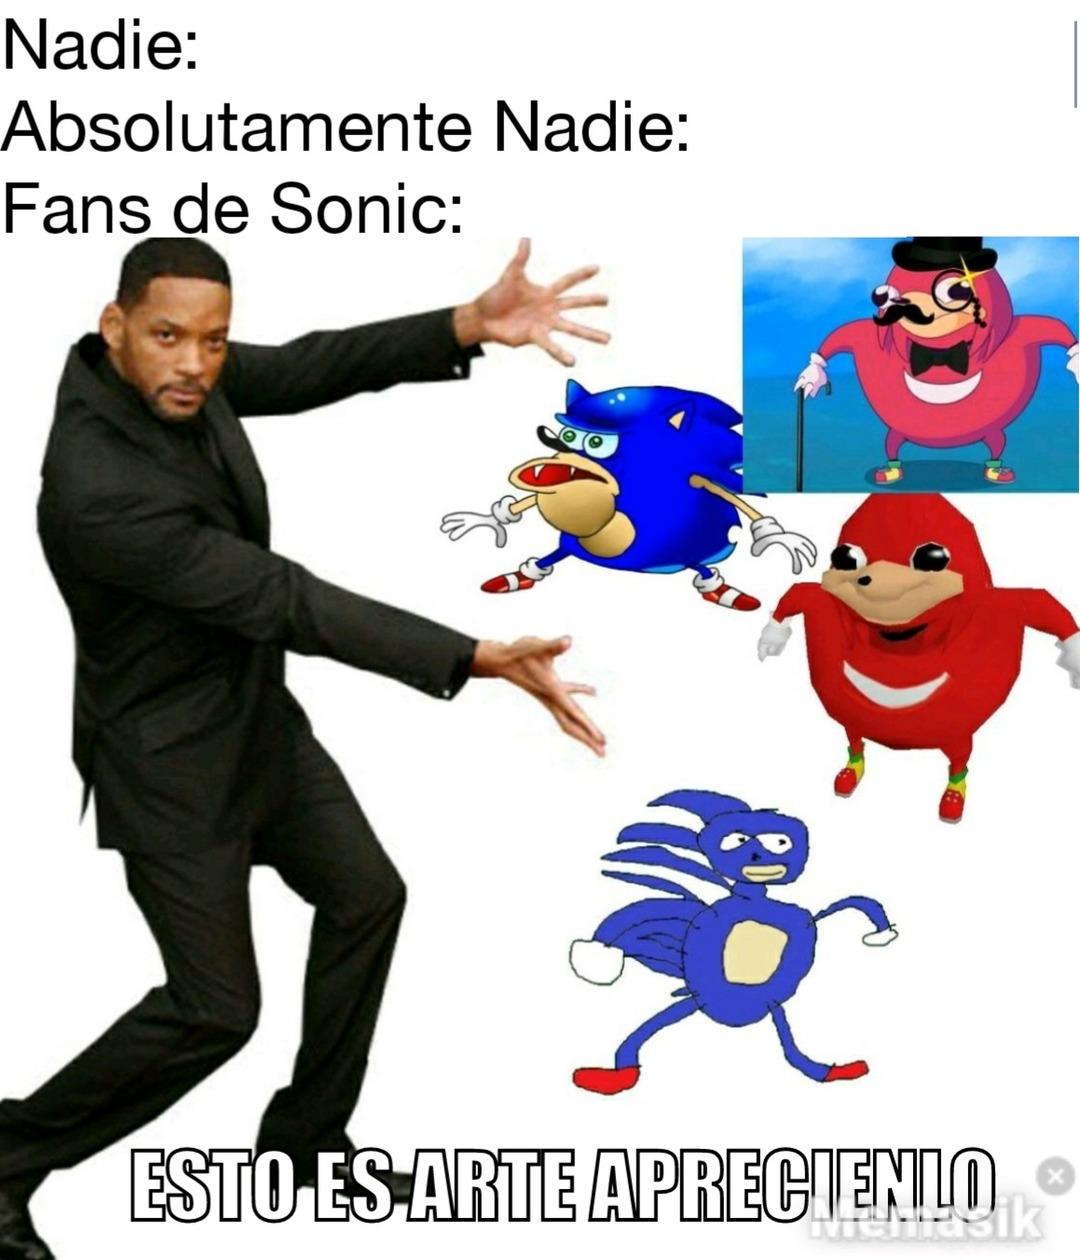 Fans de sonic - meme